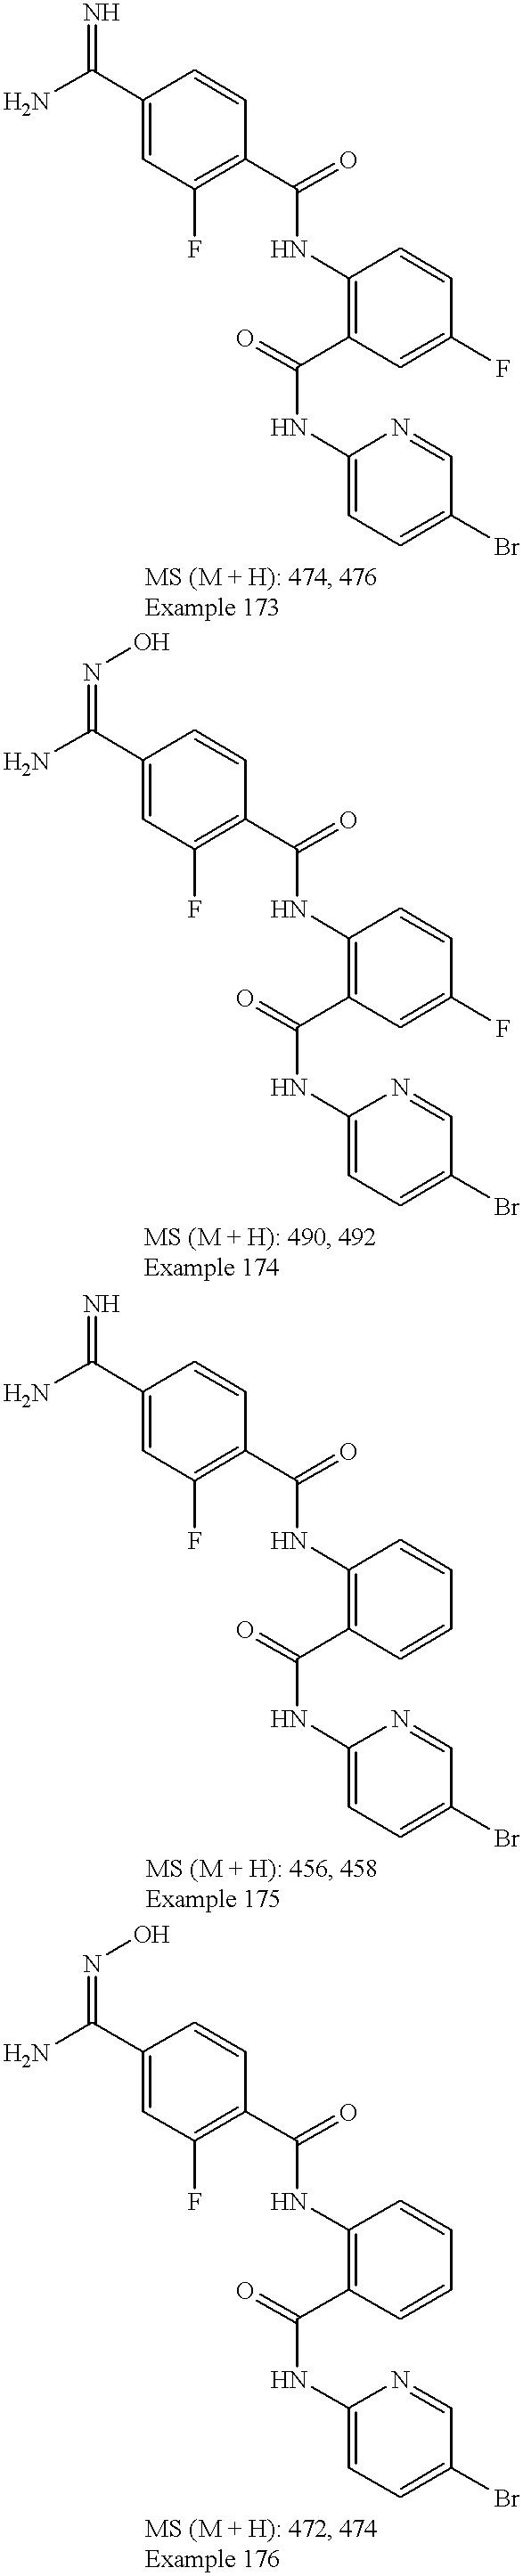 Figure US06376515-20020423-C00339